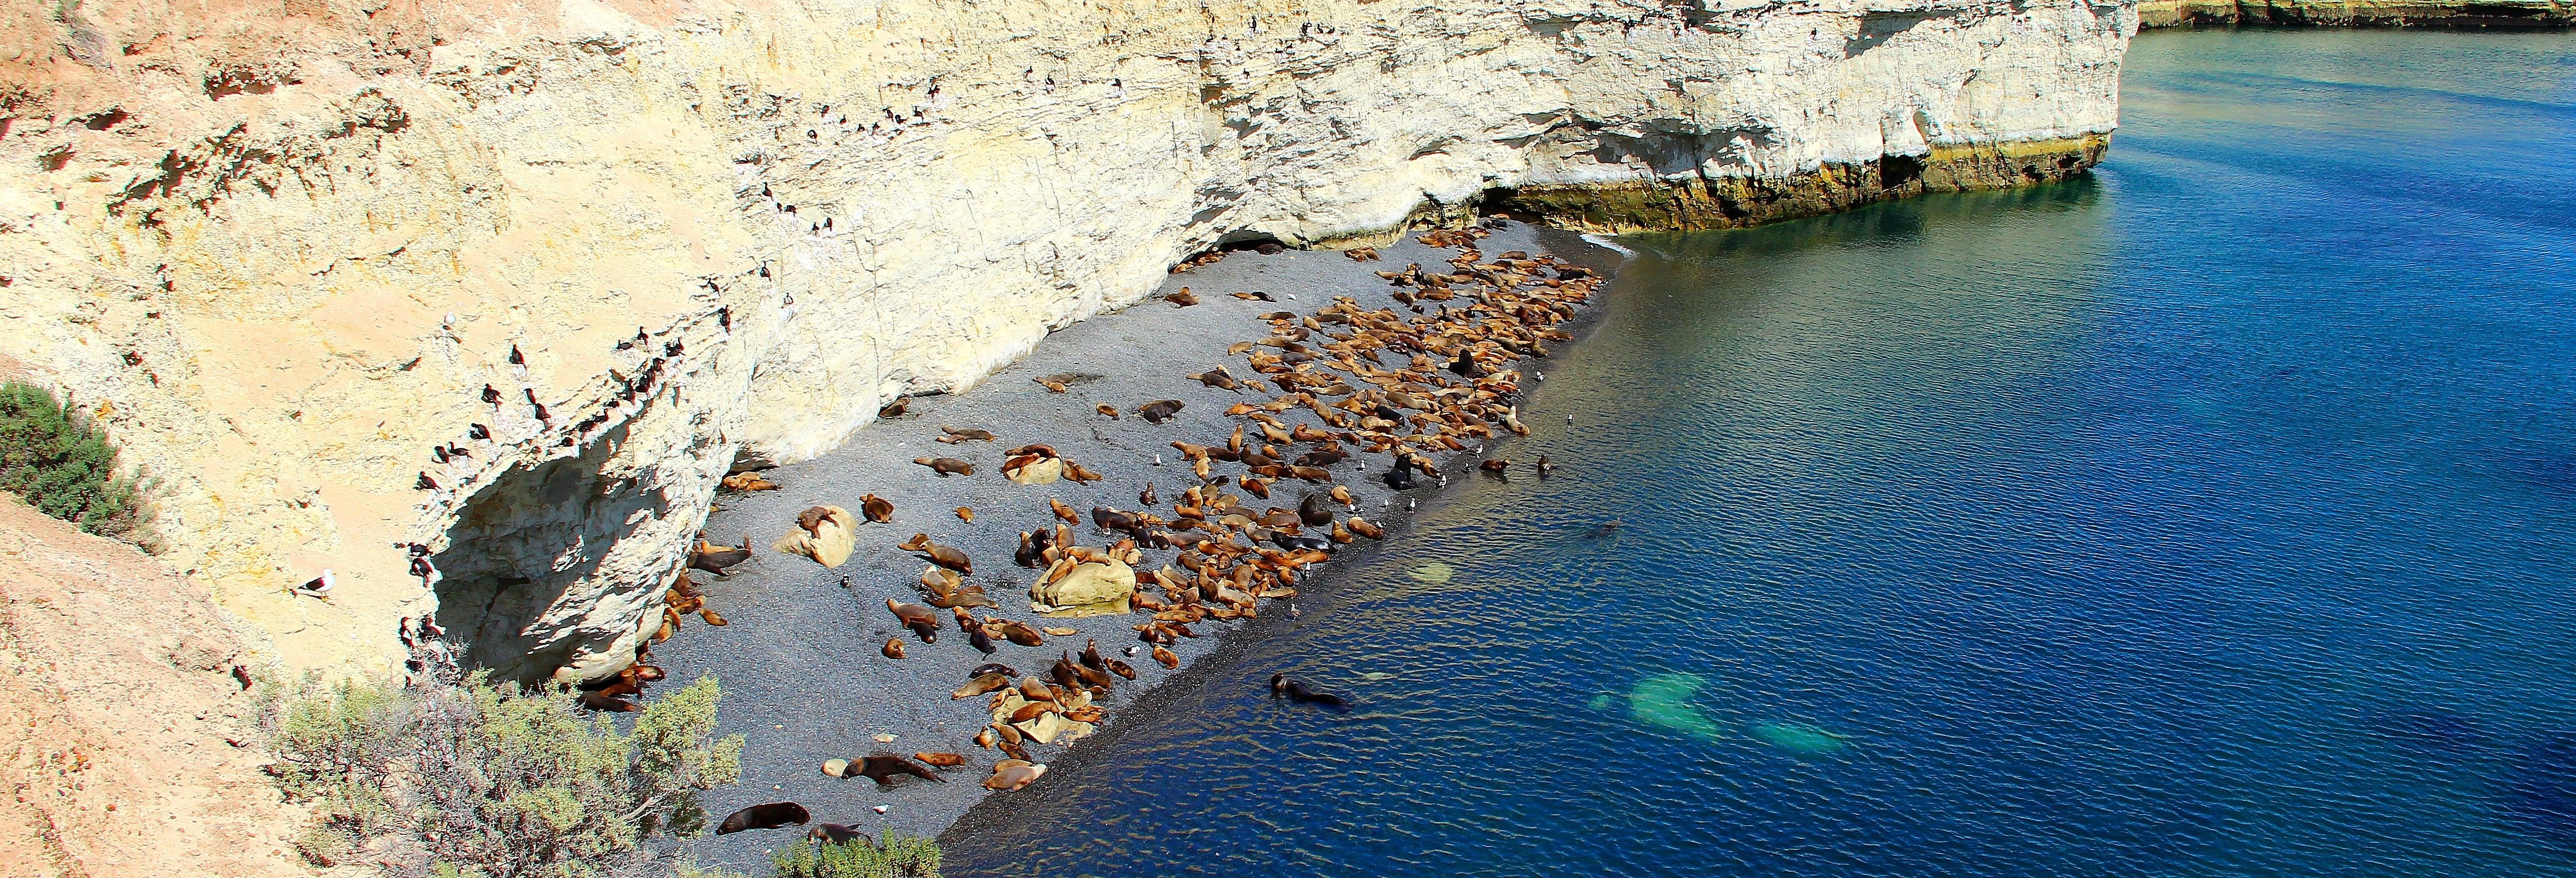 Avistamiento de lobos marinos en Punta Loma